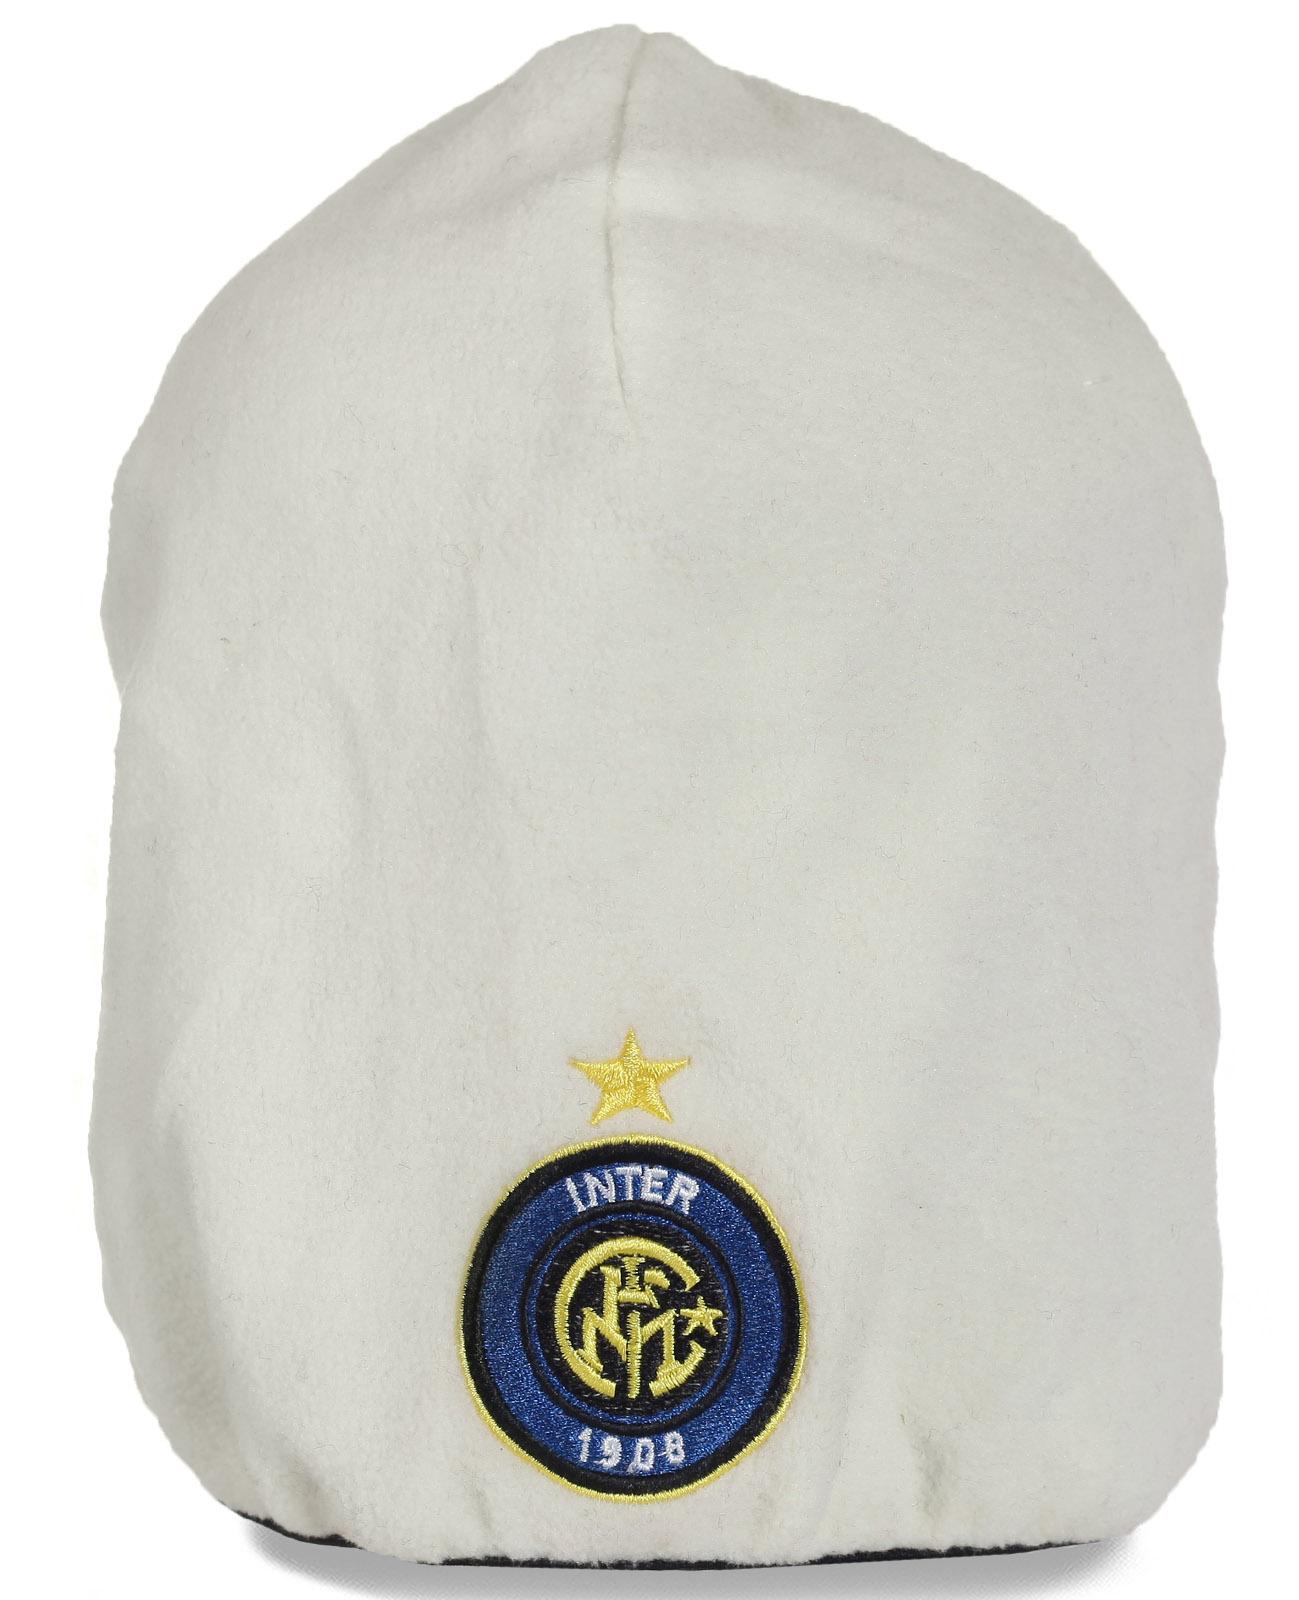 Белоснежная удлиненная флисовая мужская шапка с эффектной эмблемой. Стильная и комфортная модель. Спеши купить!